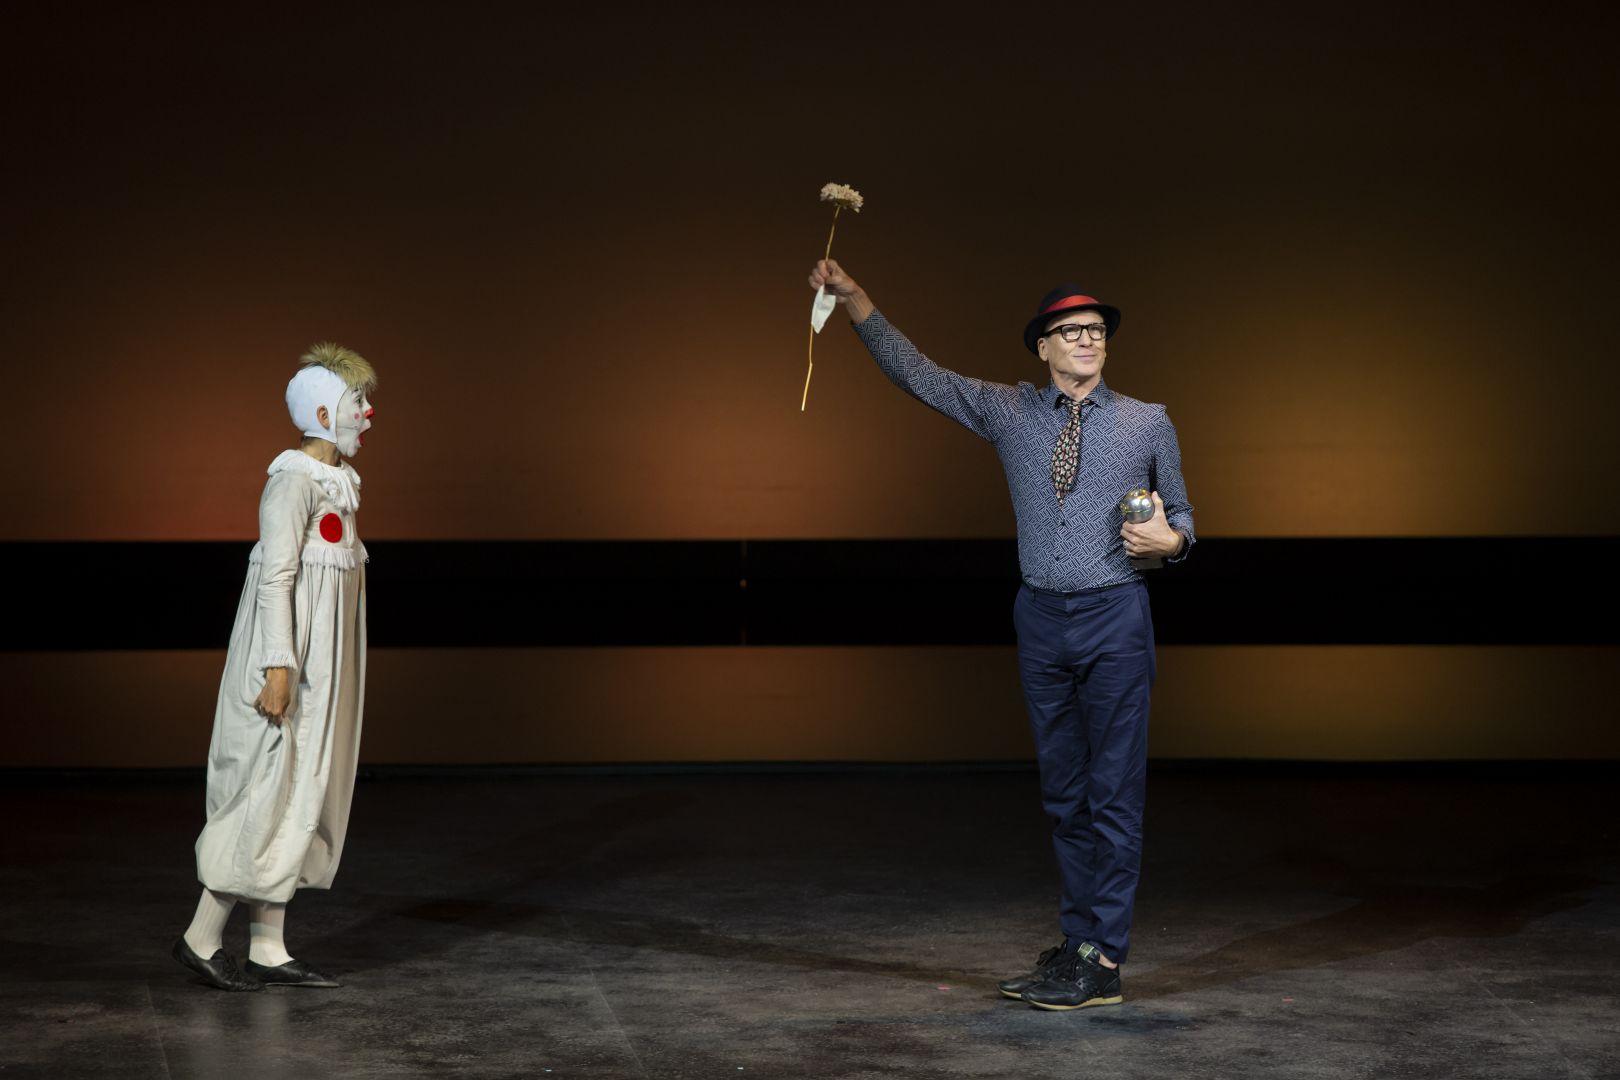 'Jauría', 'Play' y 'Shock' brillan en los XXIII Premios Max